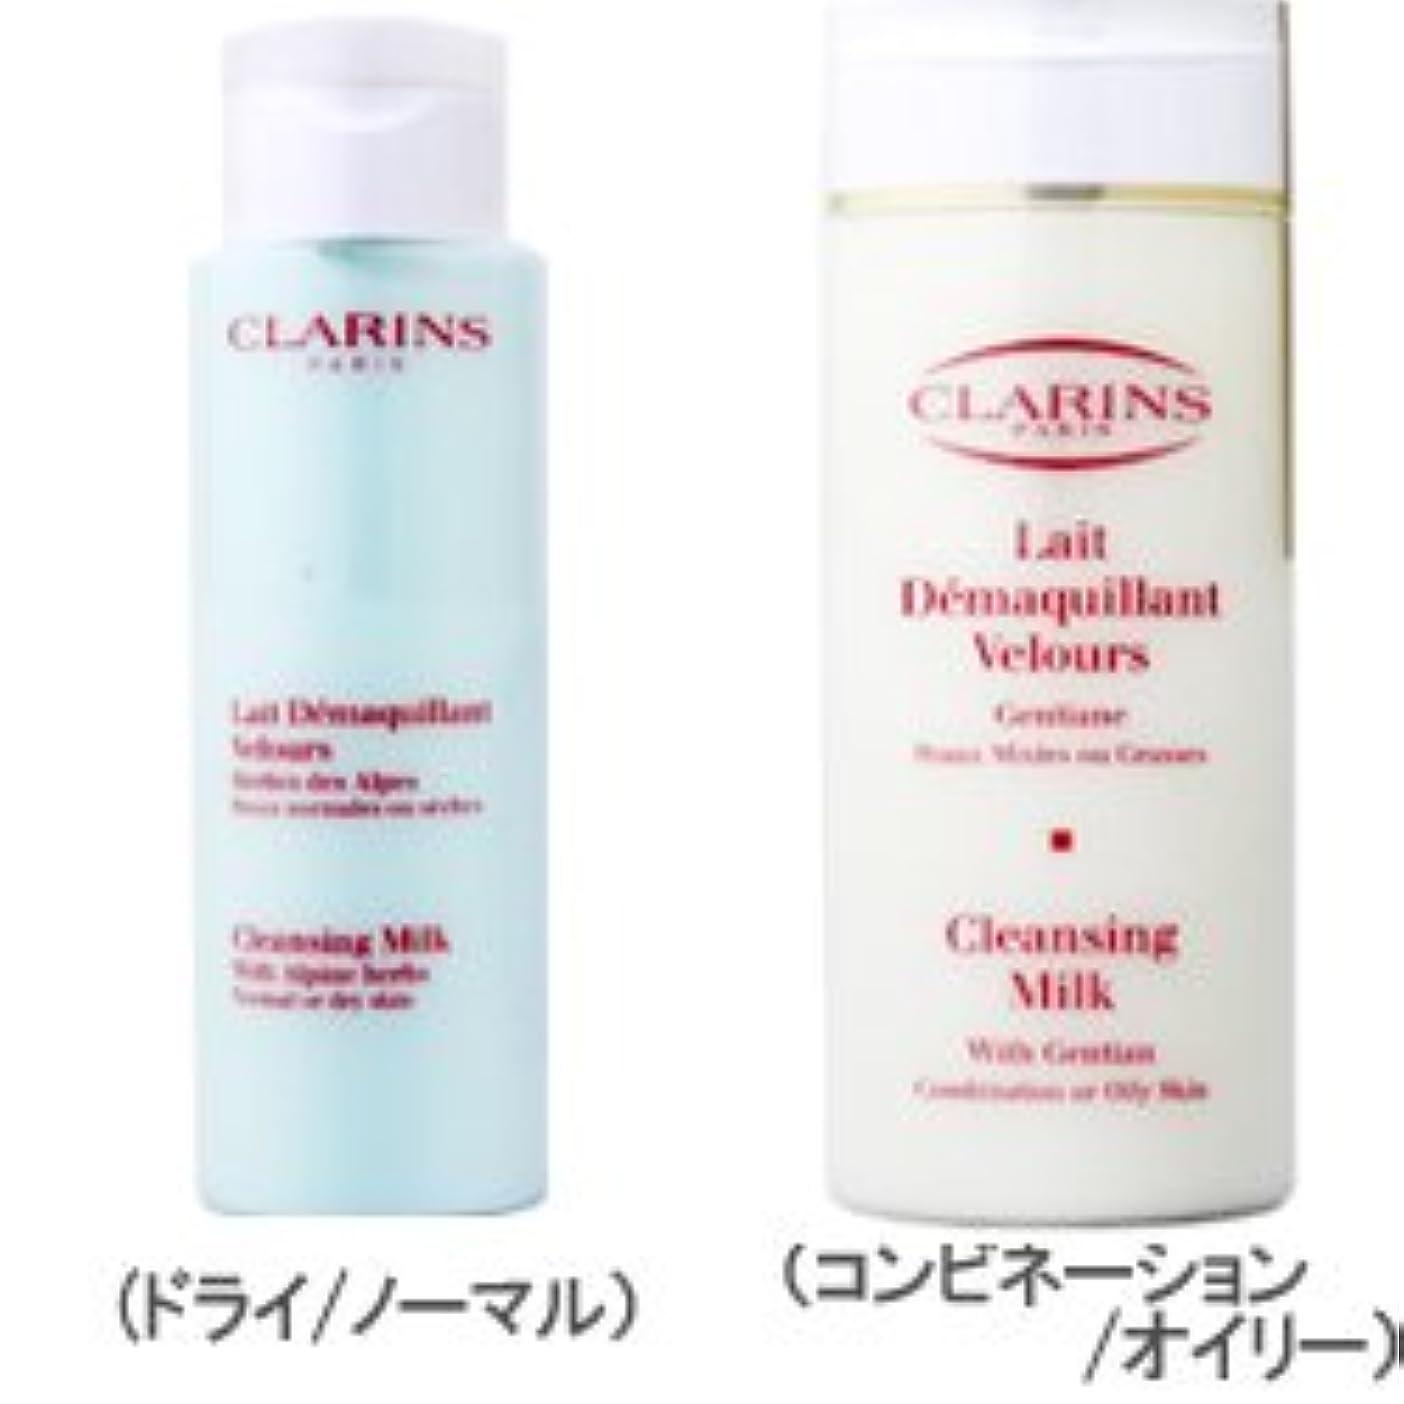 ずんぐりした適応的回転させるクラランス CLARINS クレンジング ミルク 200mL【ドライ/ノーマル】 [並行輸入品]